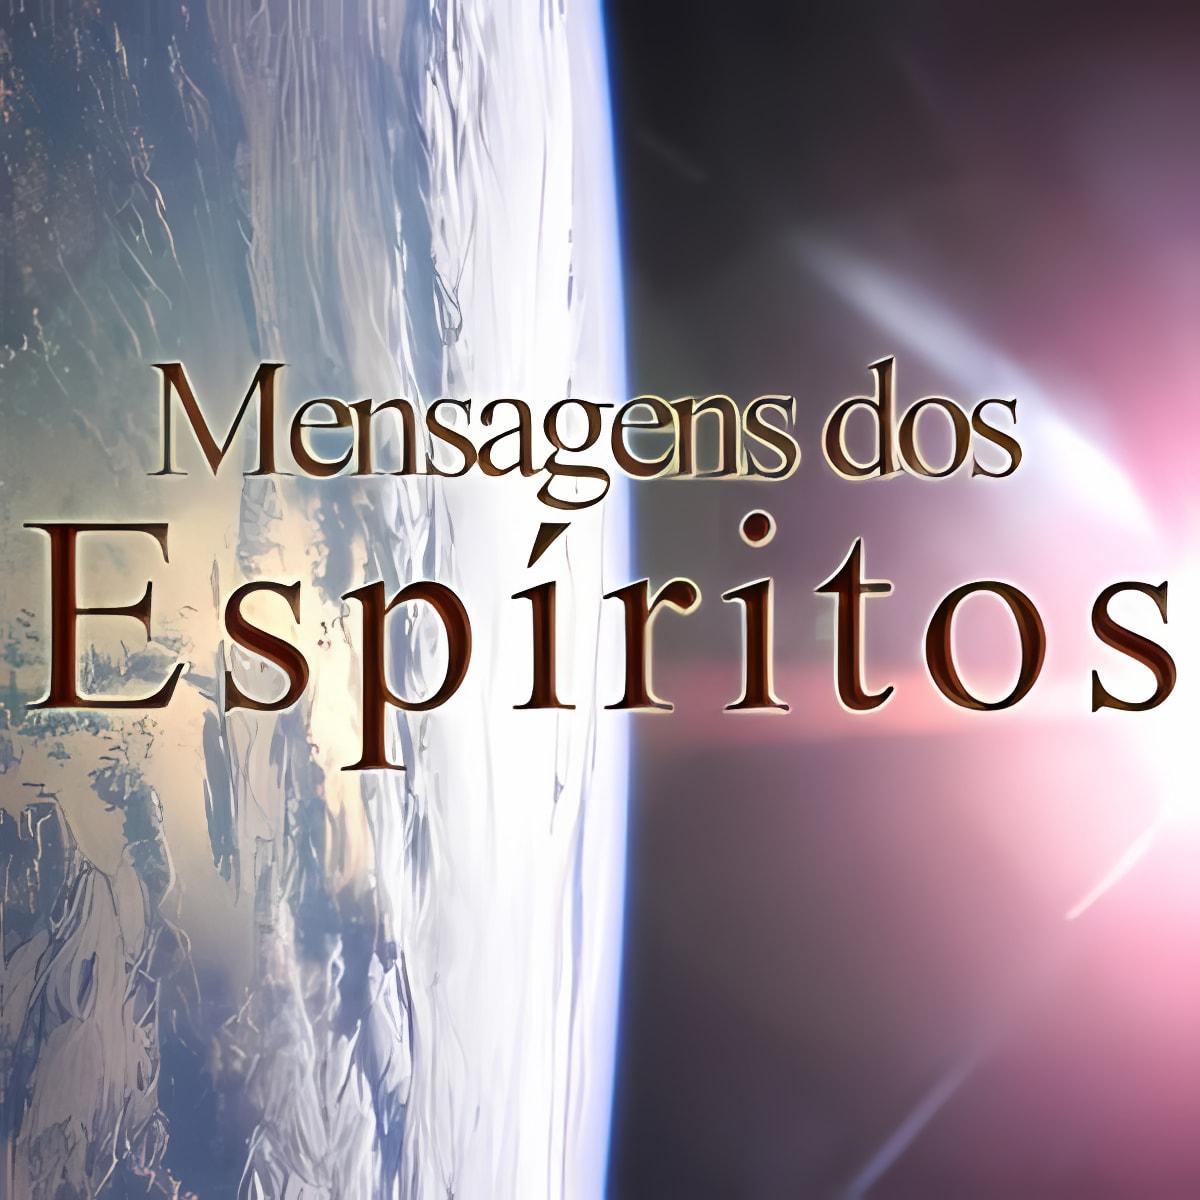 Mensagens dos Espíritos